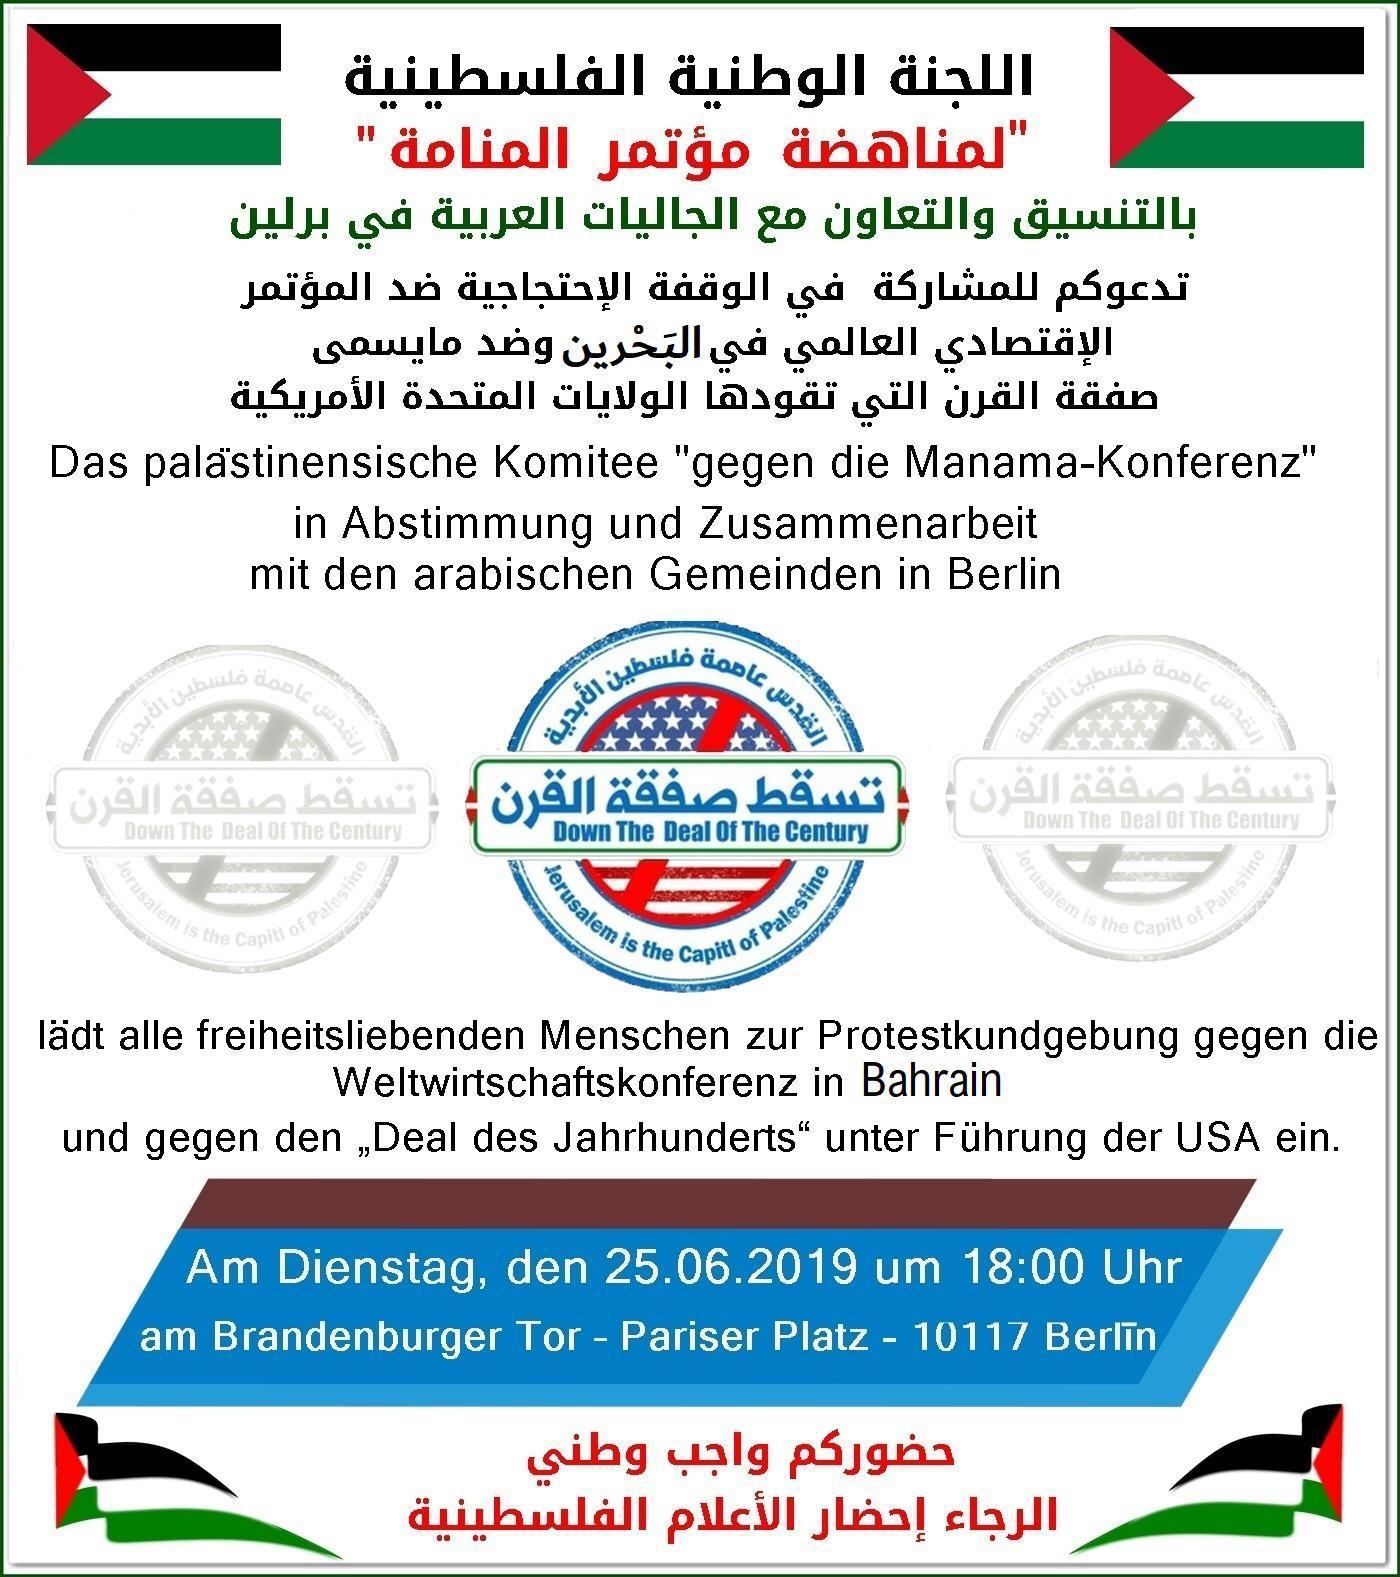 فلسطينيو ألمانيا يتظاهرون ضد صفقة القرن